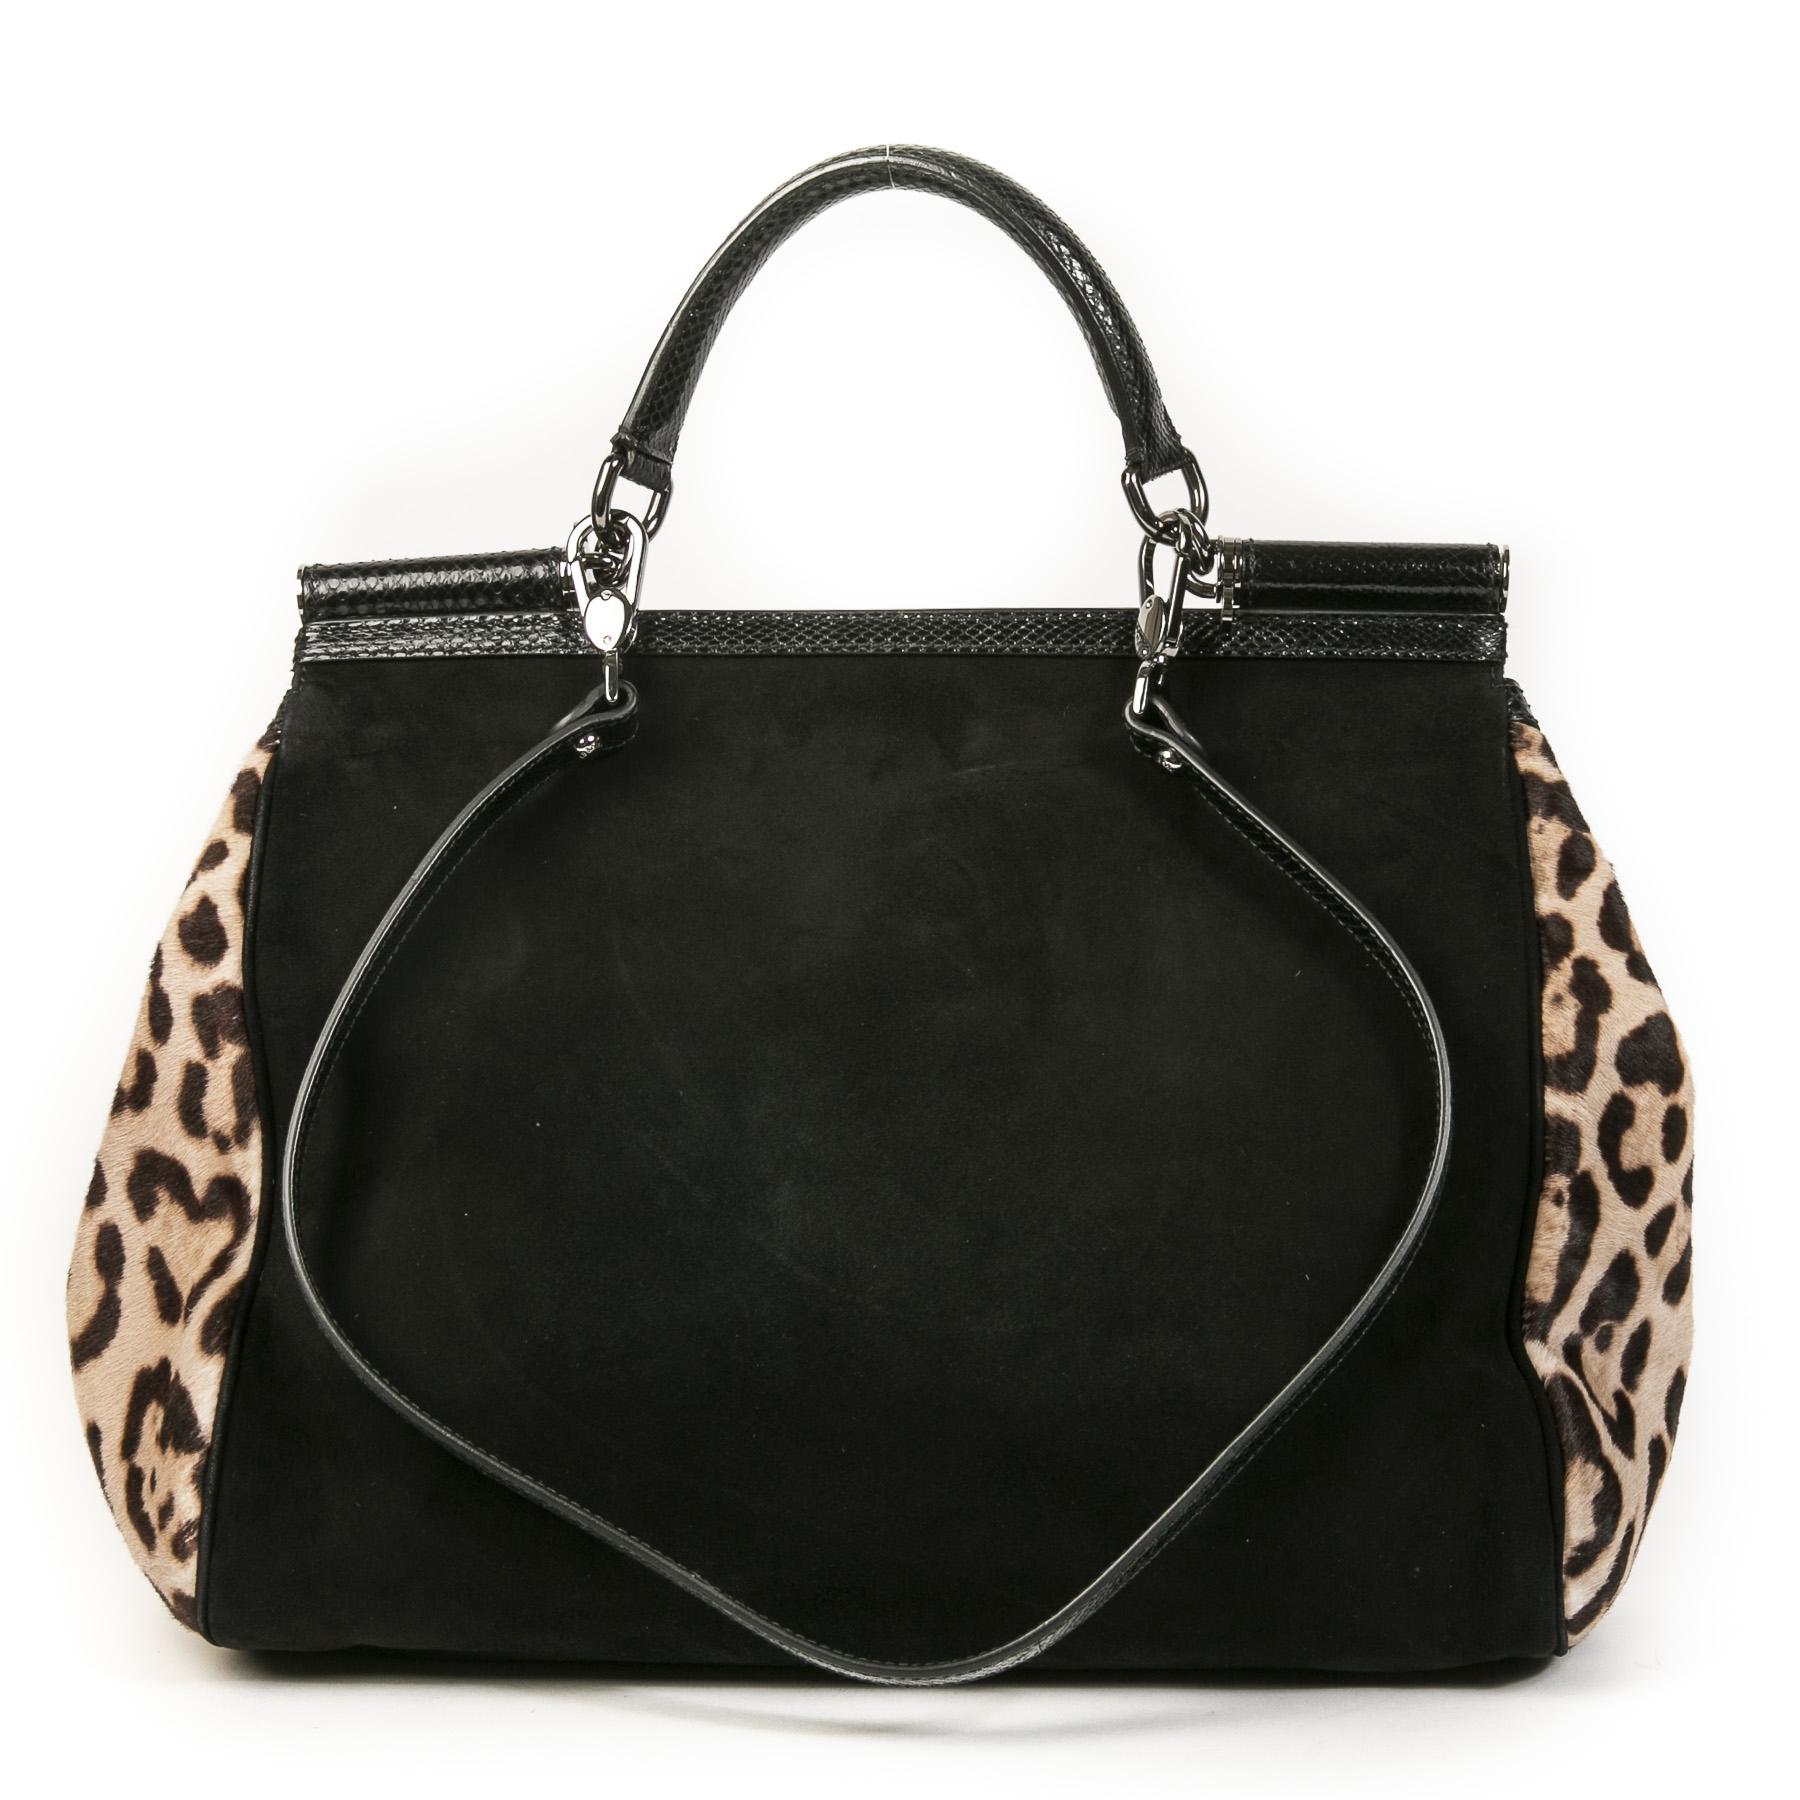 Authentieke Tweedehands Dolce & Gabbana Leopard Black Top Handle Bag juiste prijs veilig online shoppen luxe merken webshop winkelen Antwerpen België mode fashion